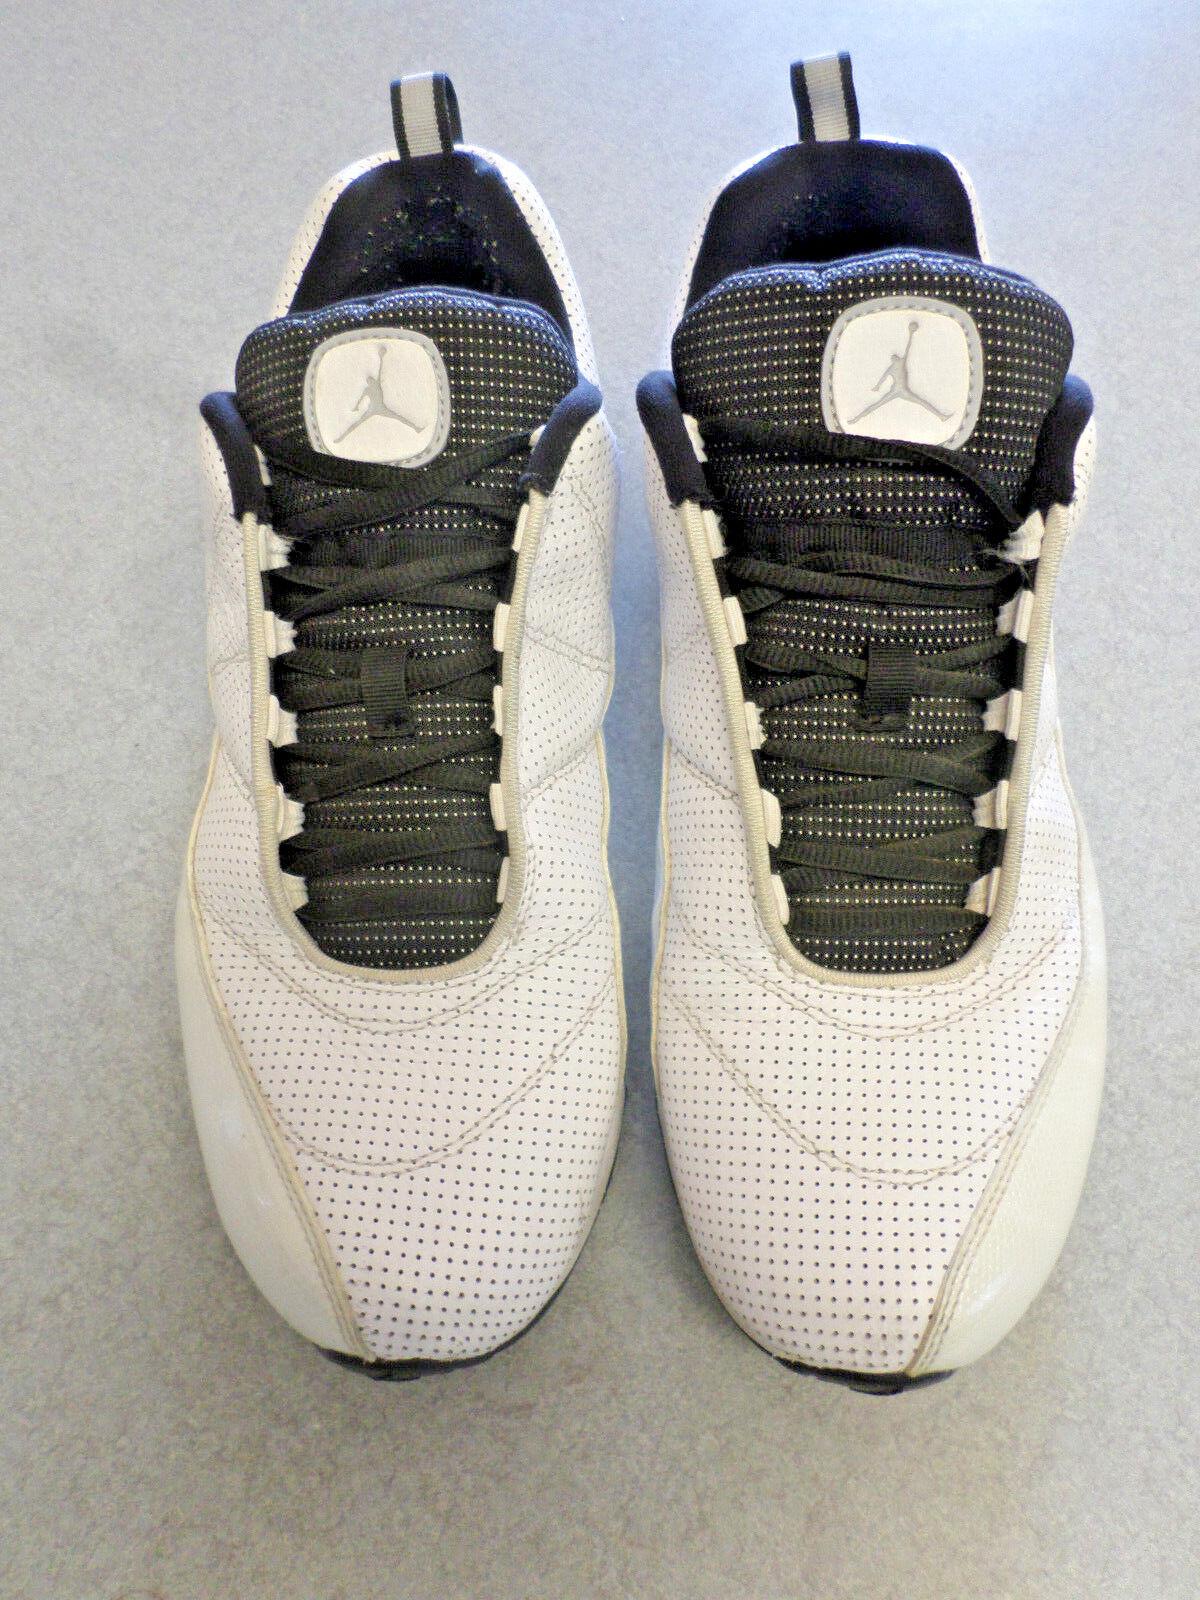 2018 Nike Air Jordan Blanco cmft Max Air 12 Blanco Jordan Leather zapatillas de baloncesto.Hombre 12 venta de liquidacion de temporada 7b64d6